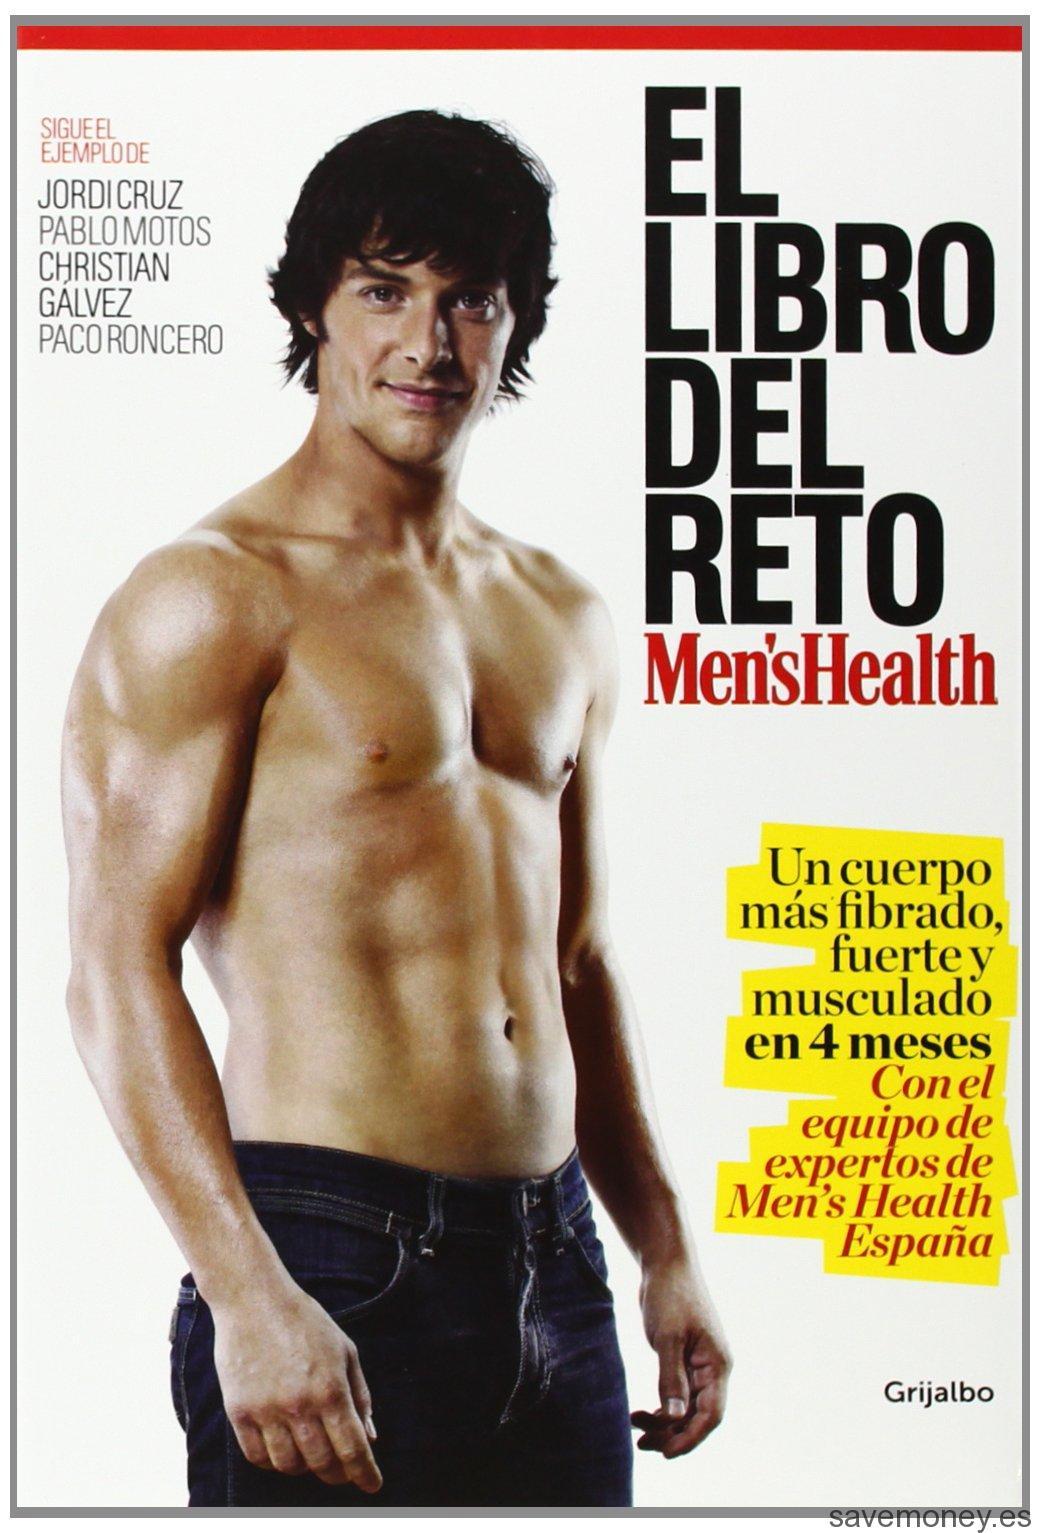 Men's Health el Libro del Reto con Jordi Cruz